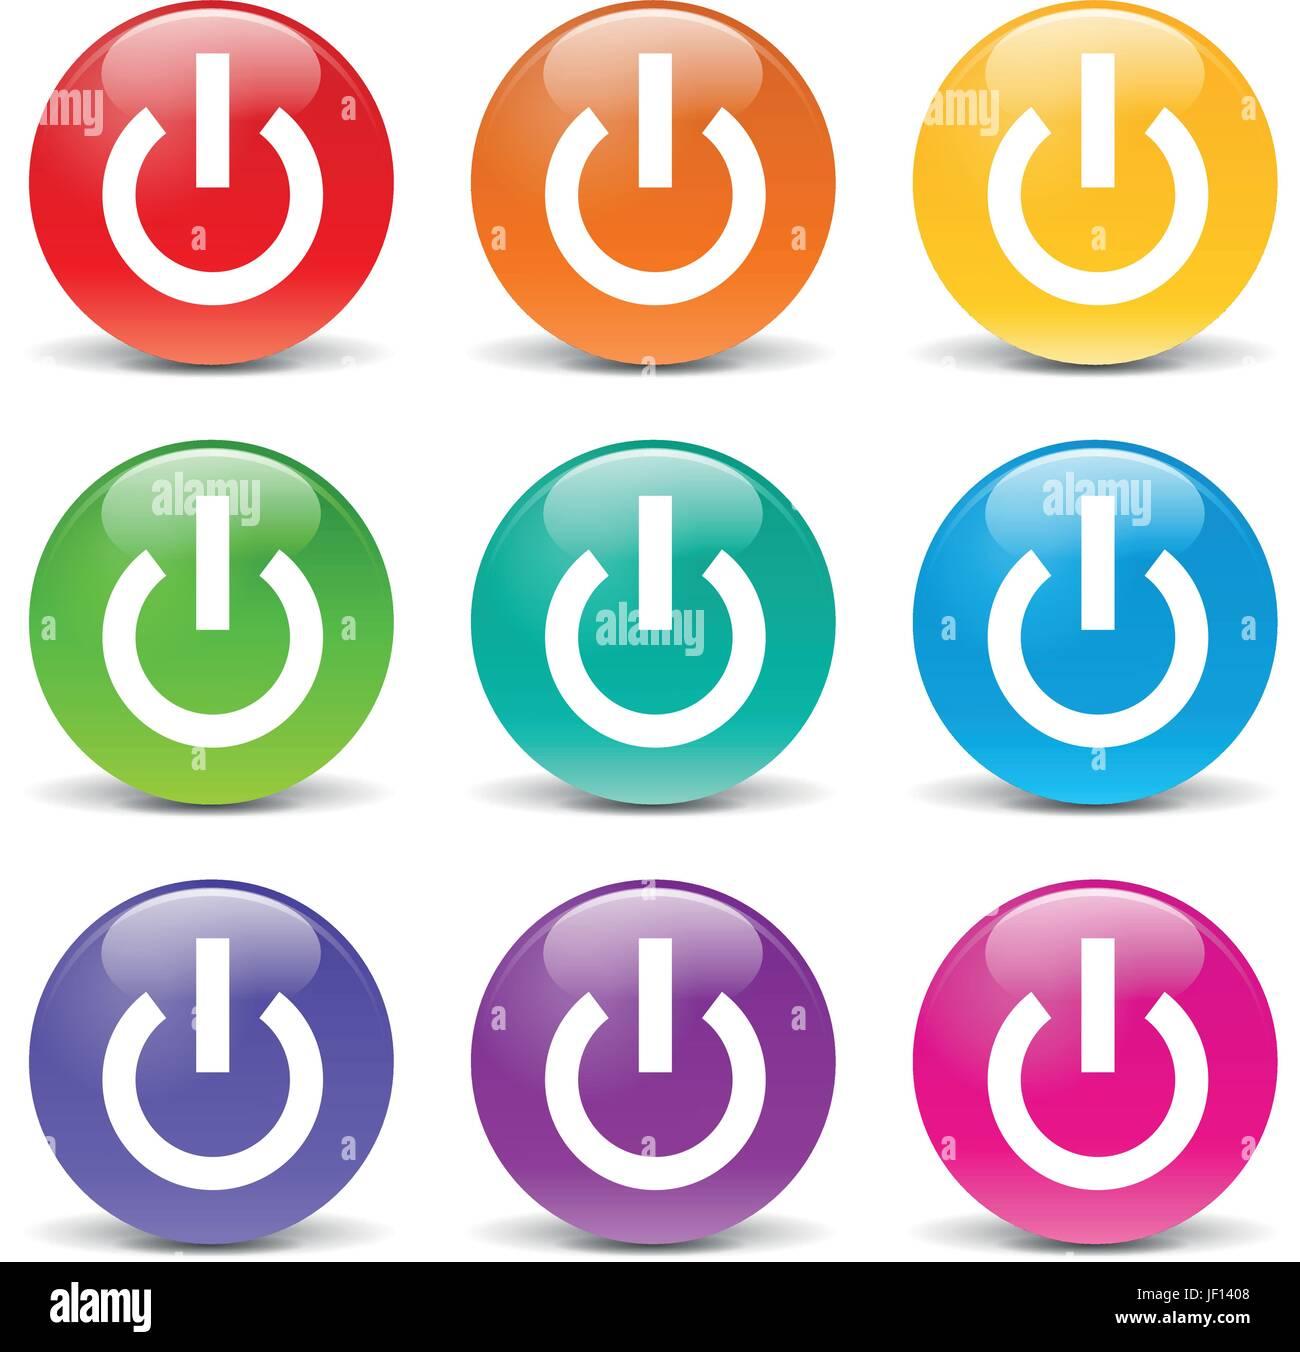 Wunderbar Symbol Für Elektrische Energie Ideen - Schaltplan Serie ...